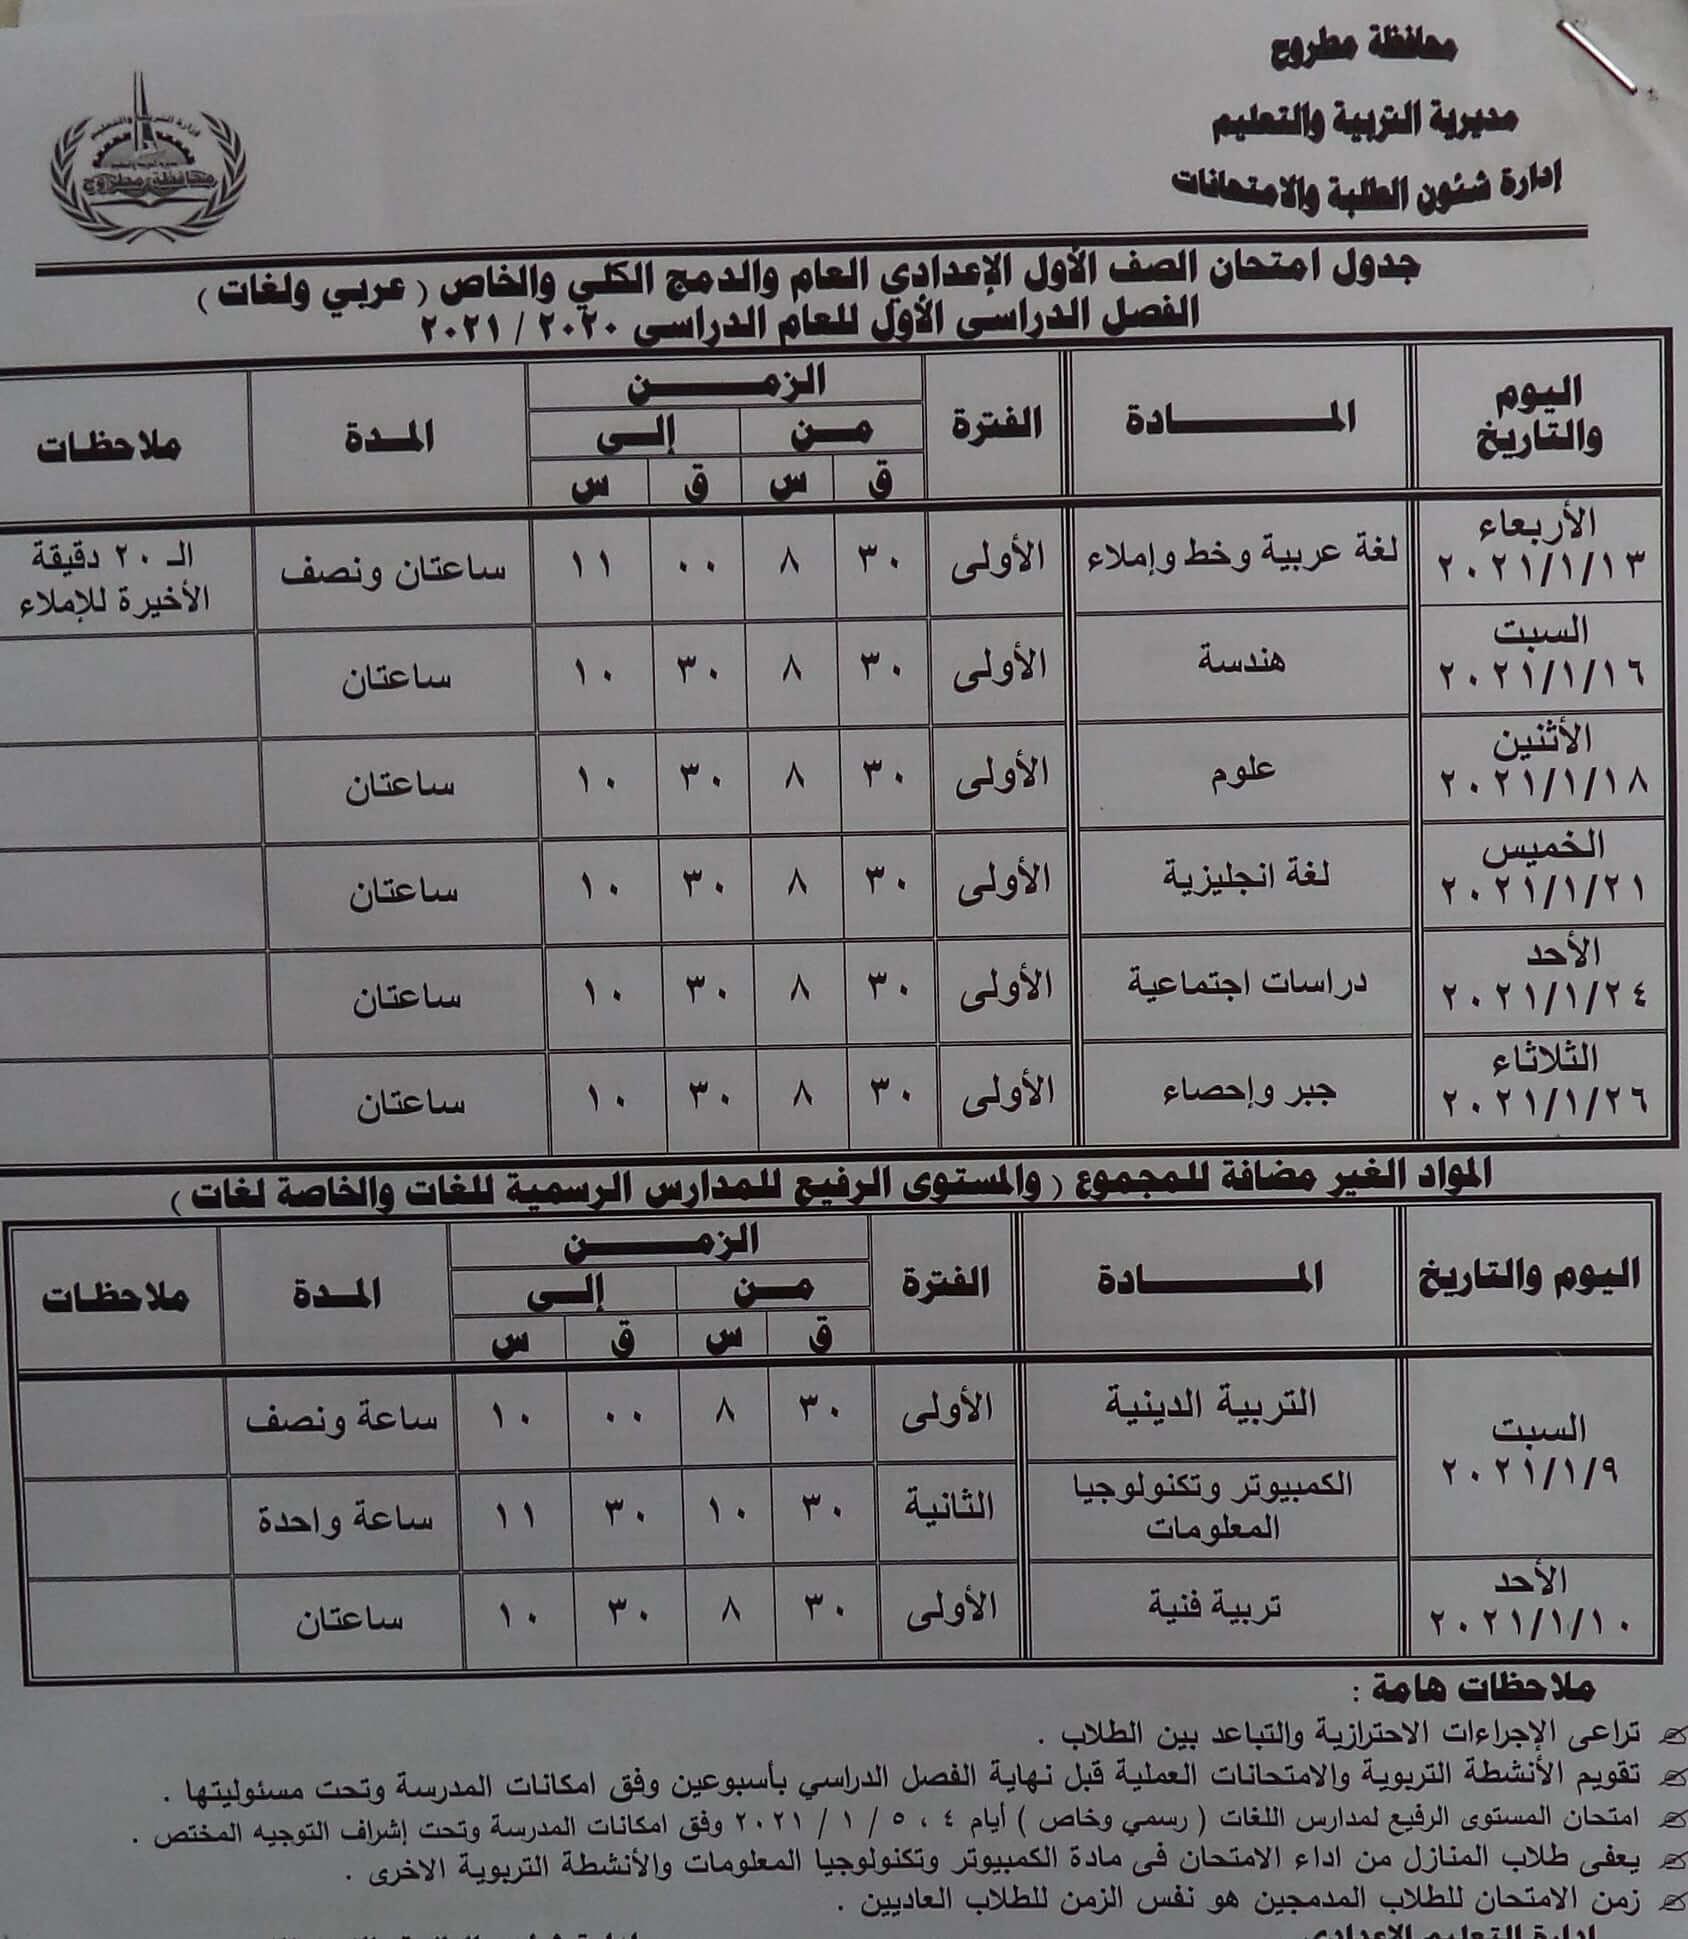 جدول امتحانات الصف الأول الاعدادي نصف العام محافظة مطروح 2021